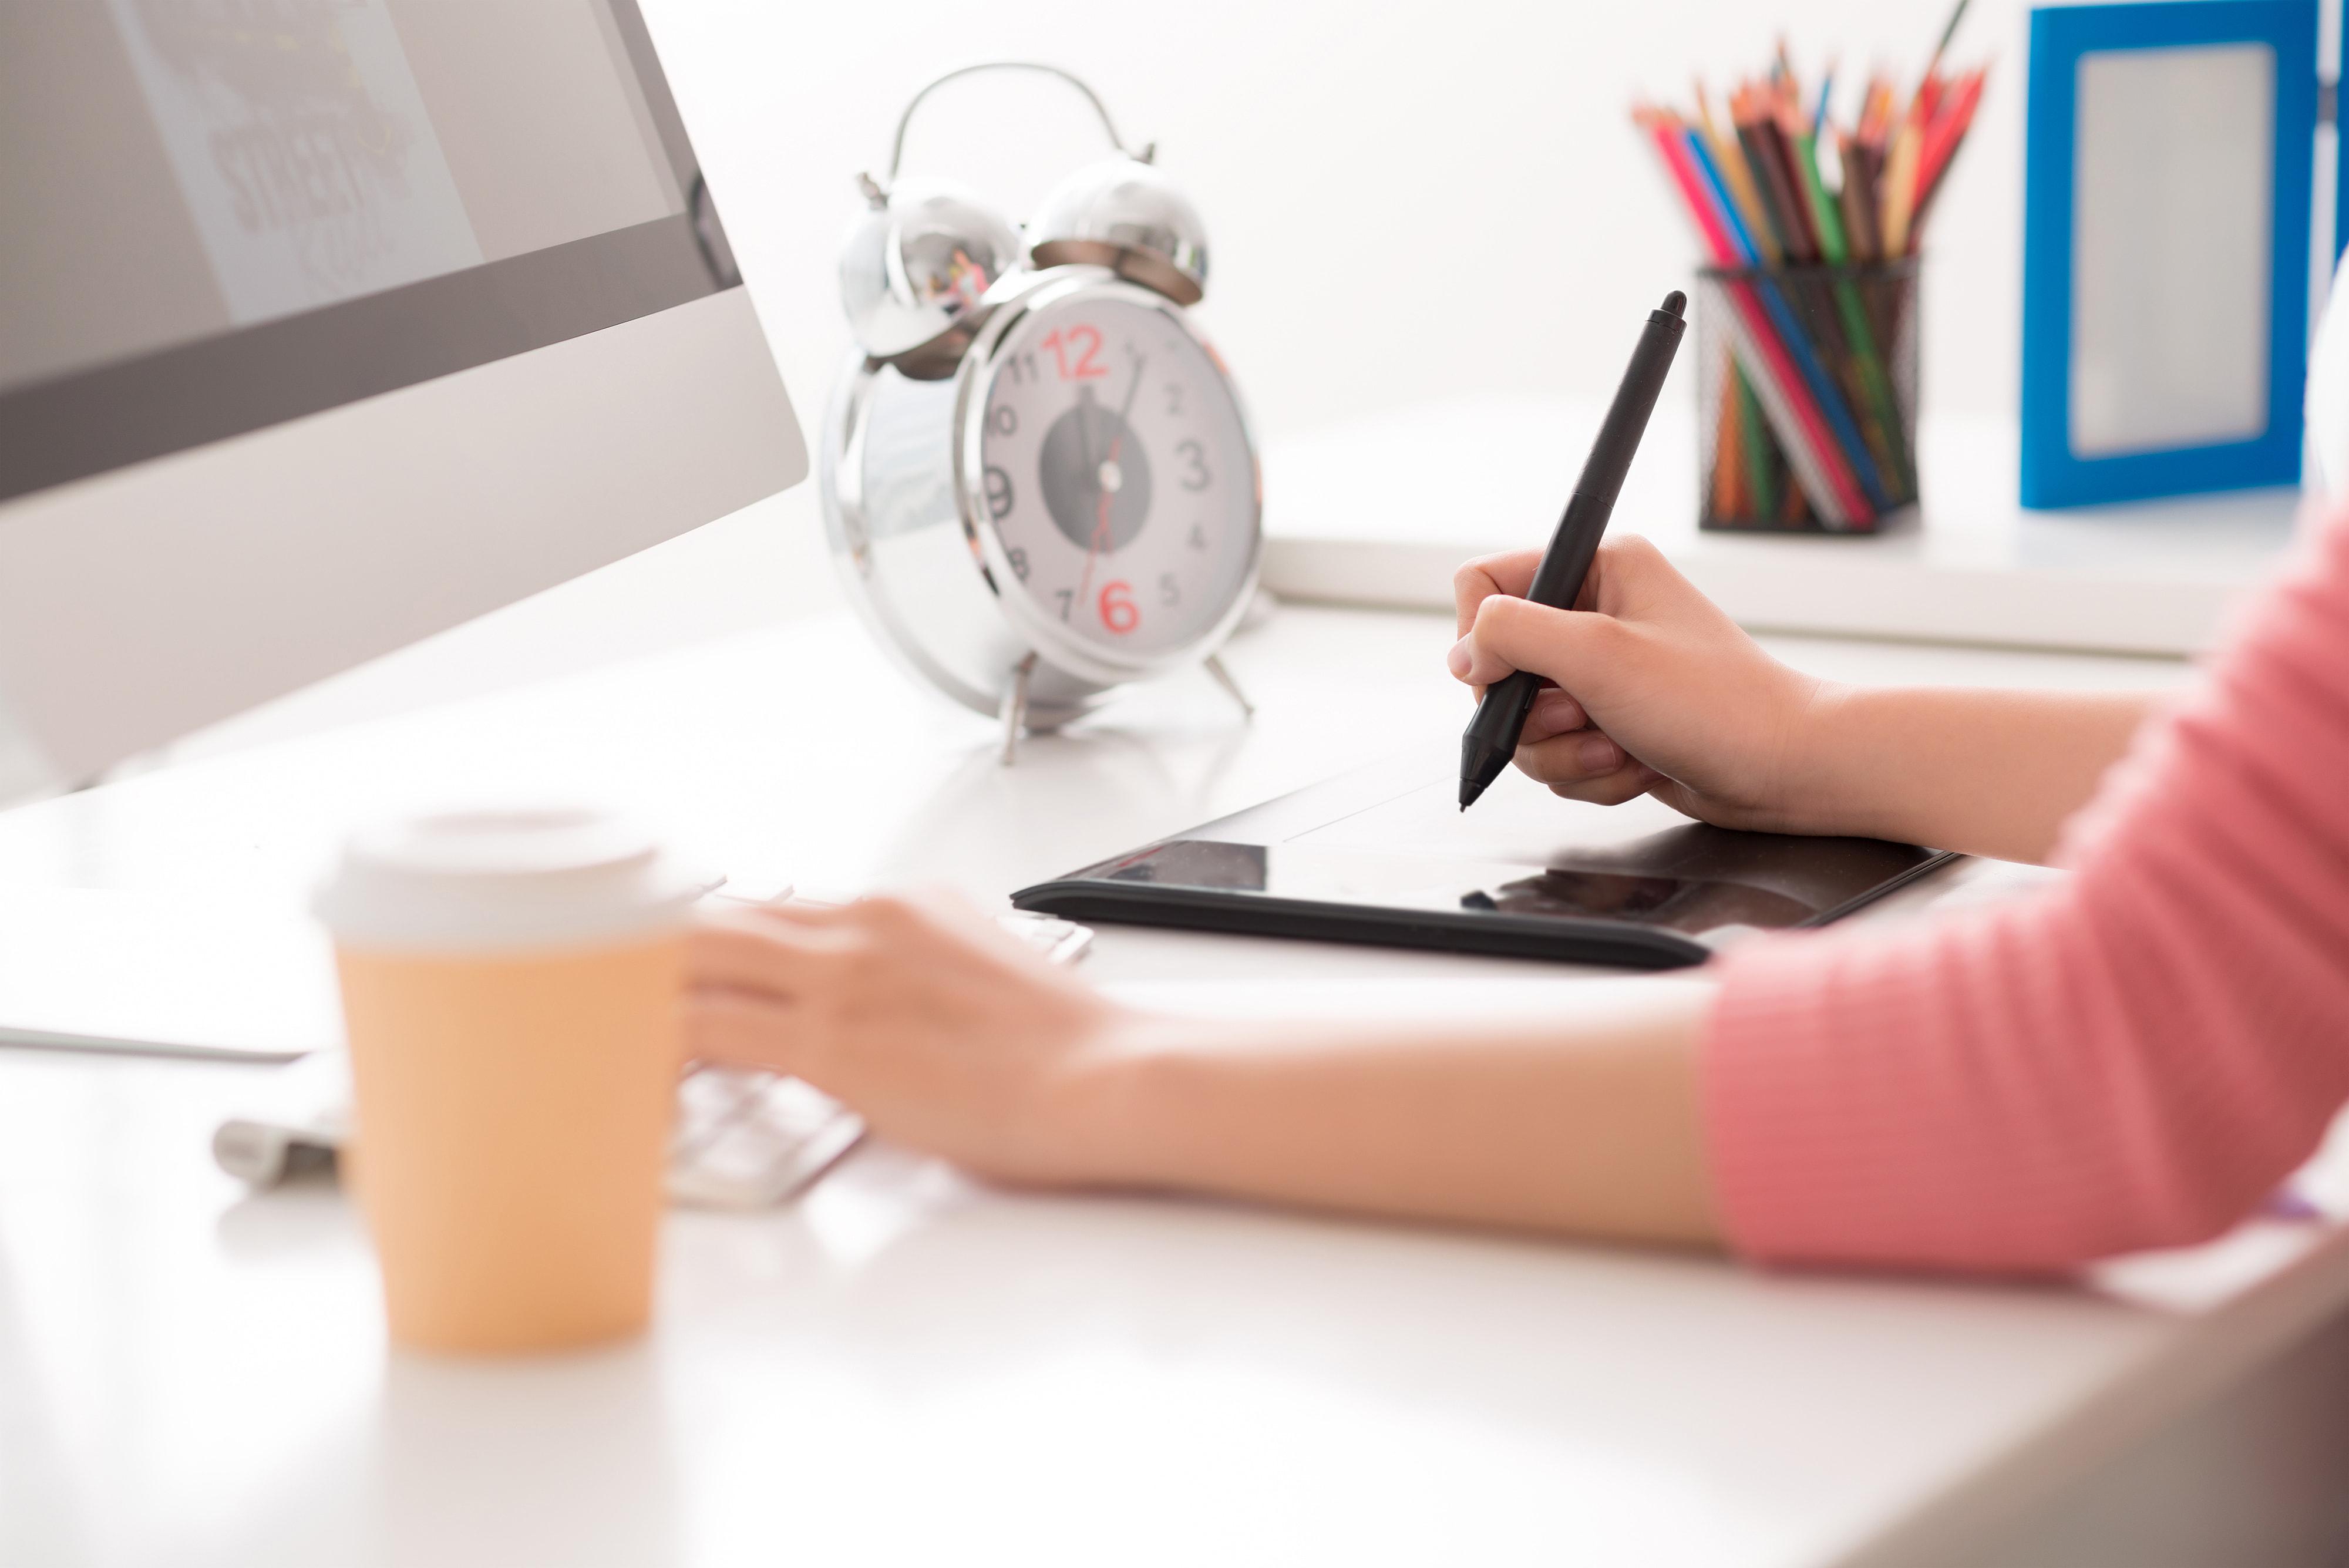 Graphic designer featured image